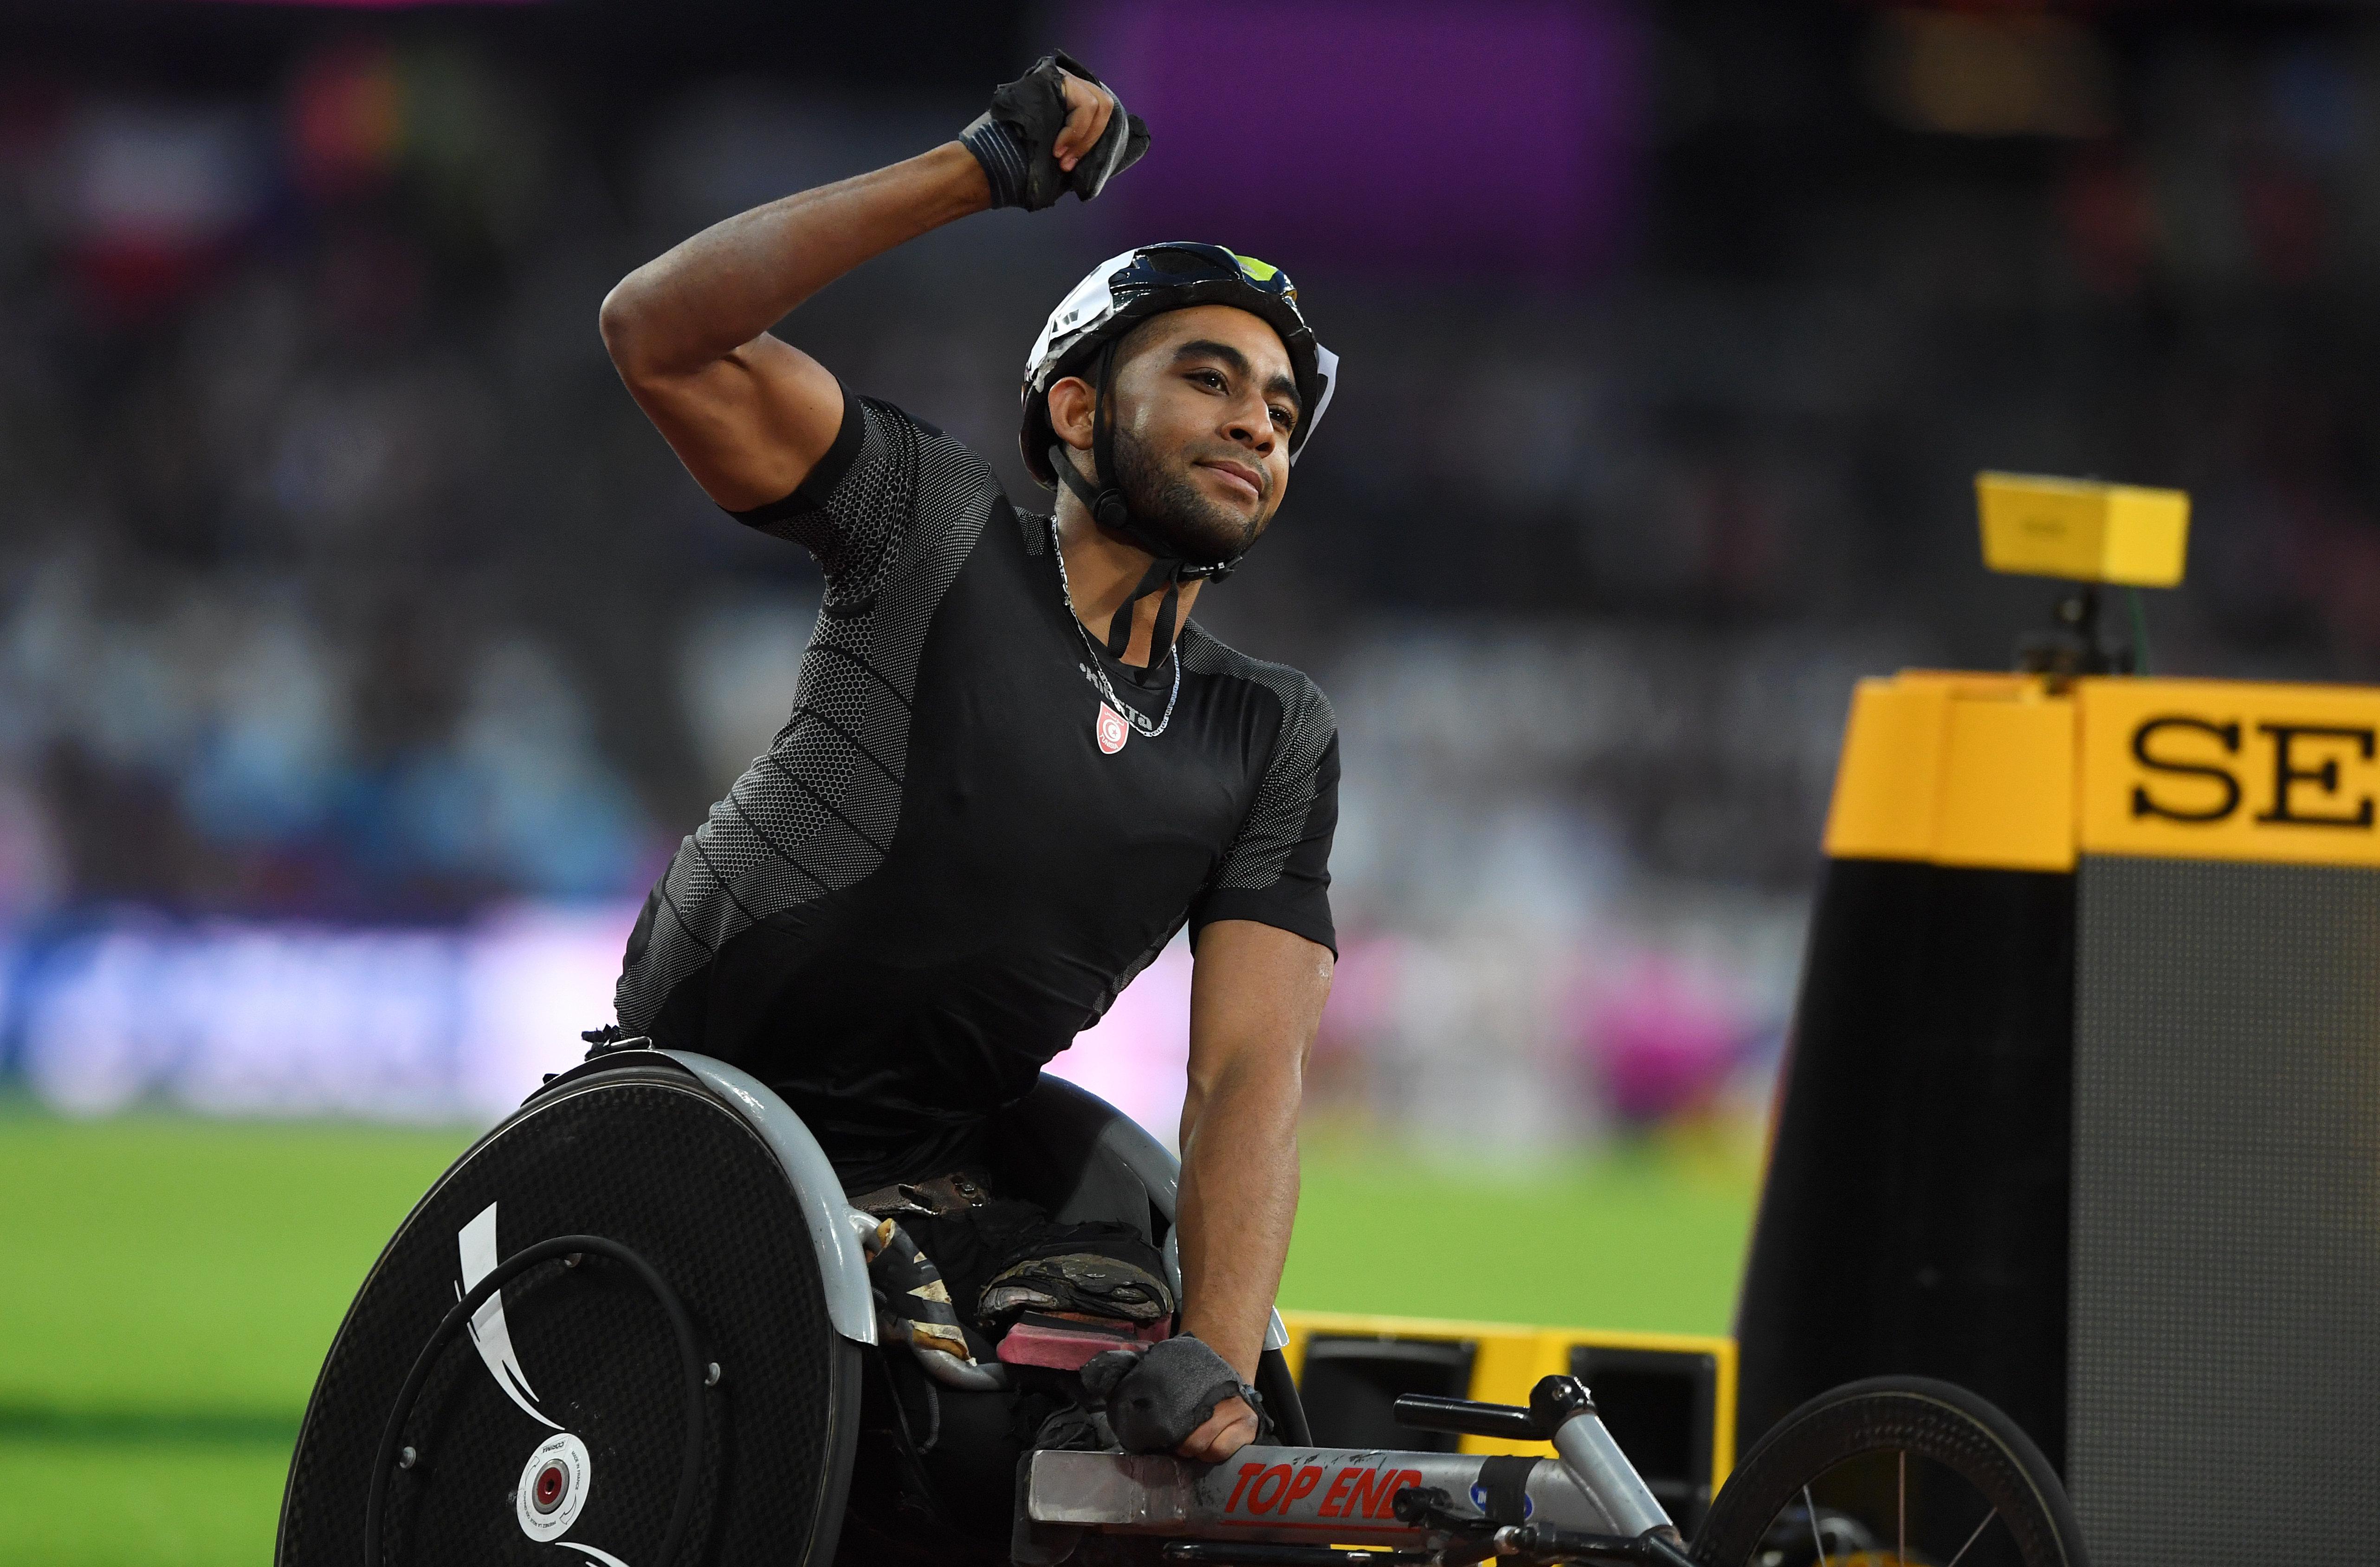 Handisport: Le Tunisien Walid Ktila réalise un nouveau record du